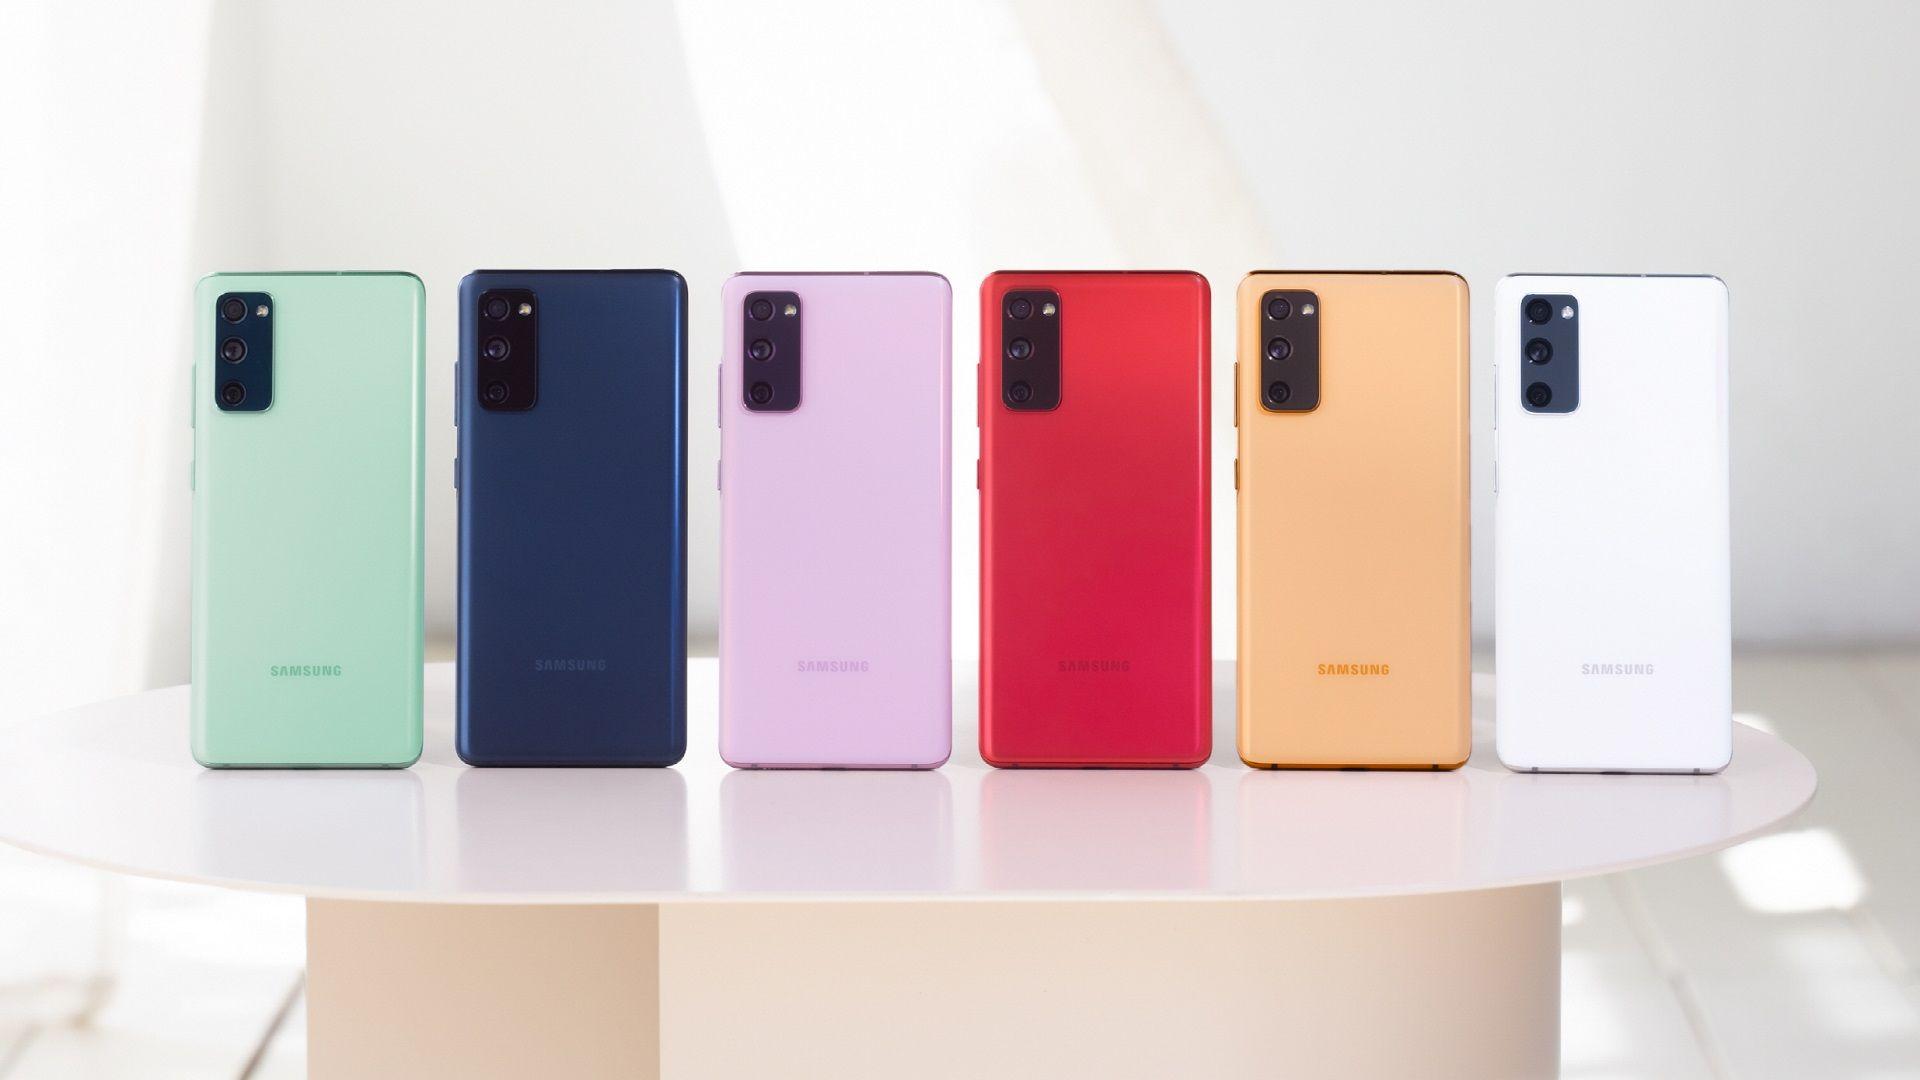 Cores do novo Galaxy S20 FE (Foto: Divulgação/Samsung)